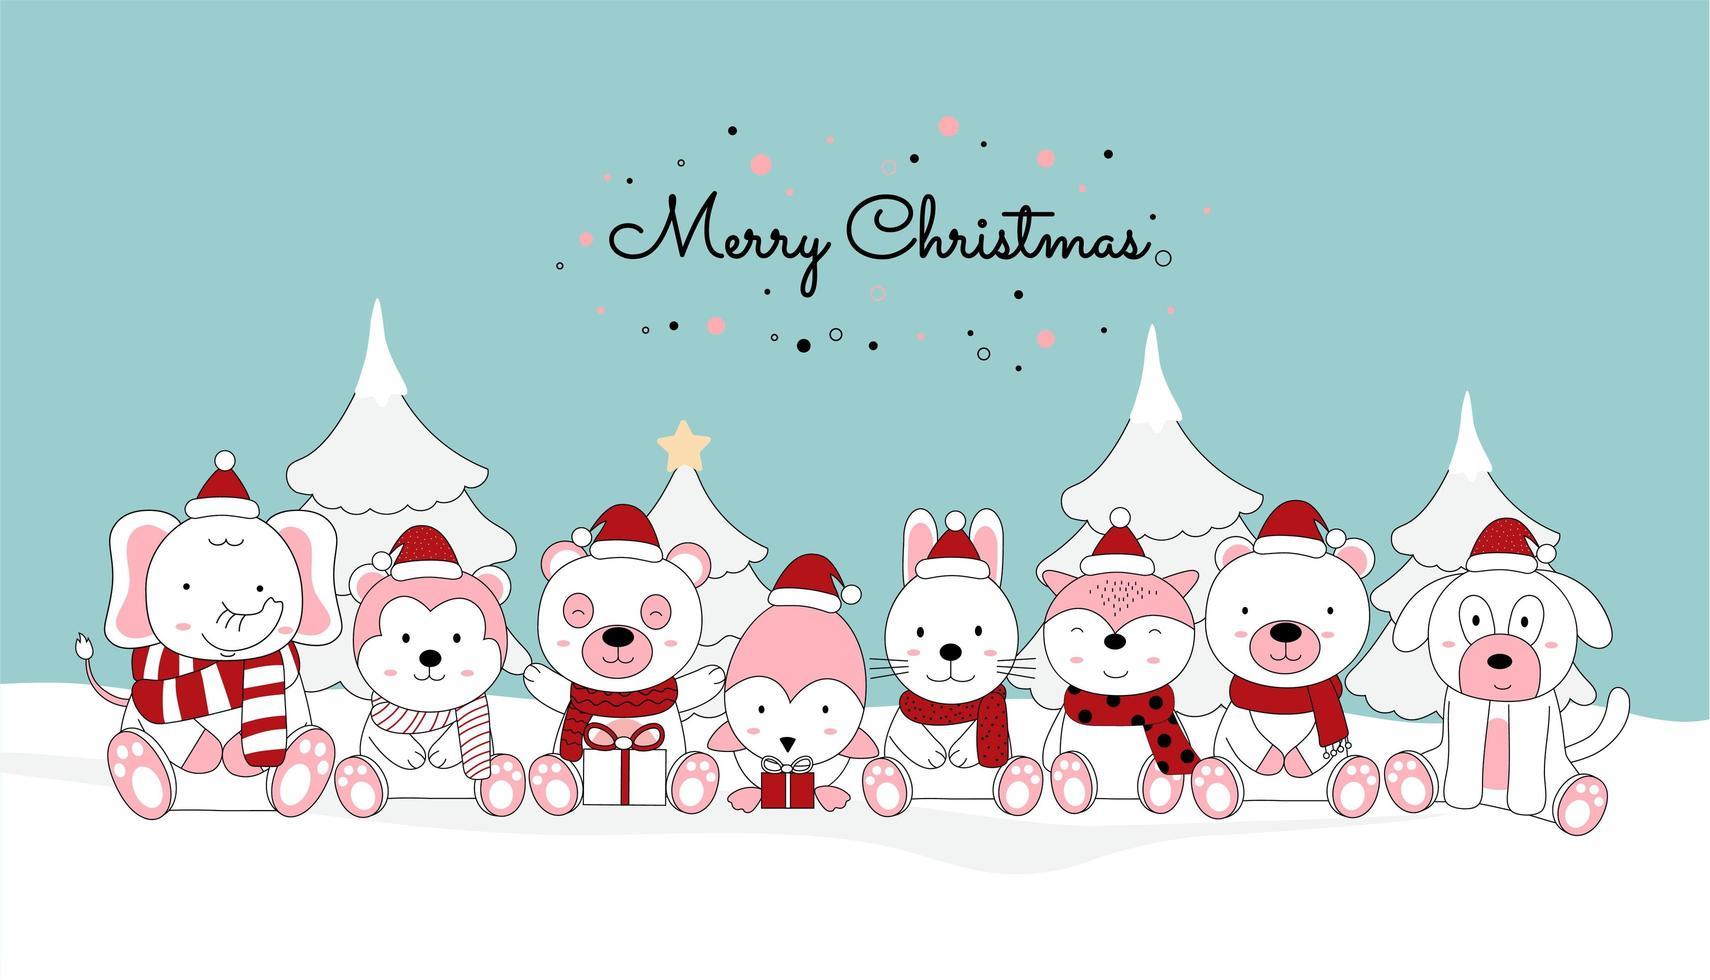 Weihnachtsgrußkarte mit niedlichen Tierbabys vektor